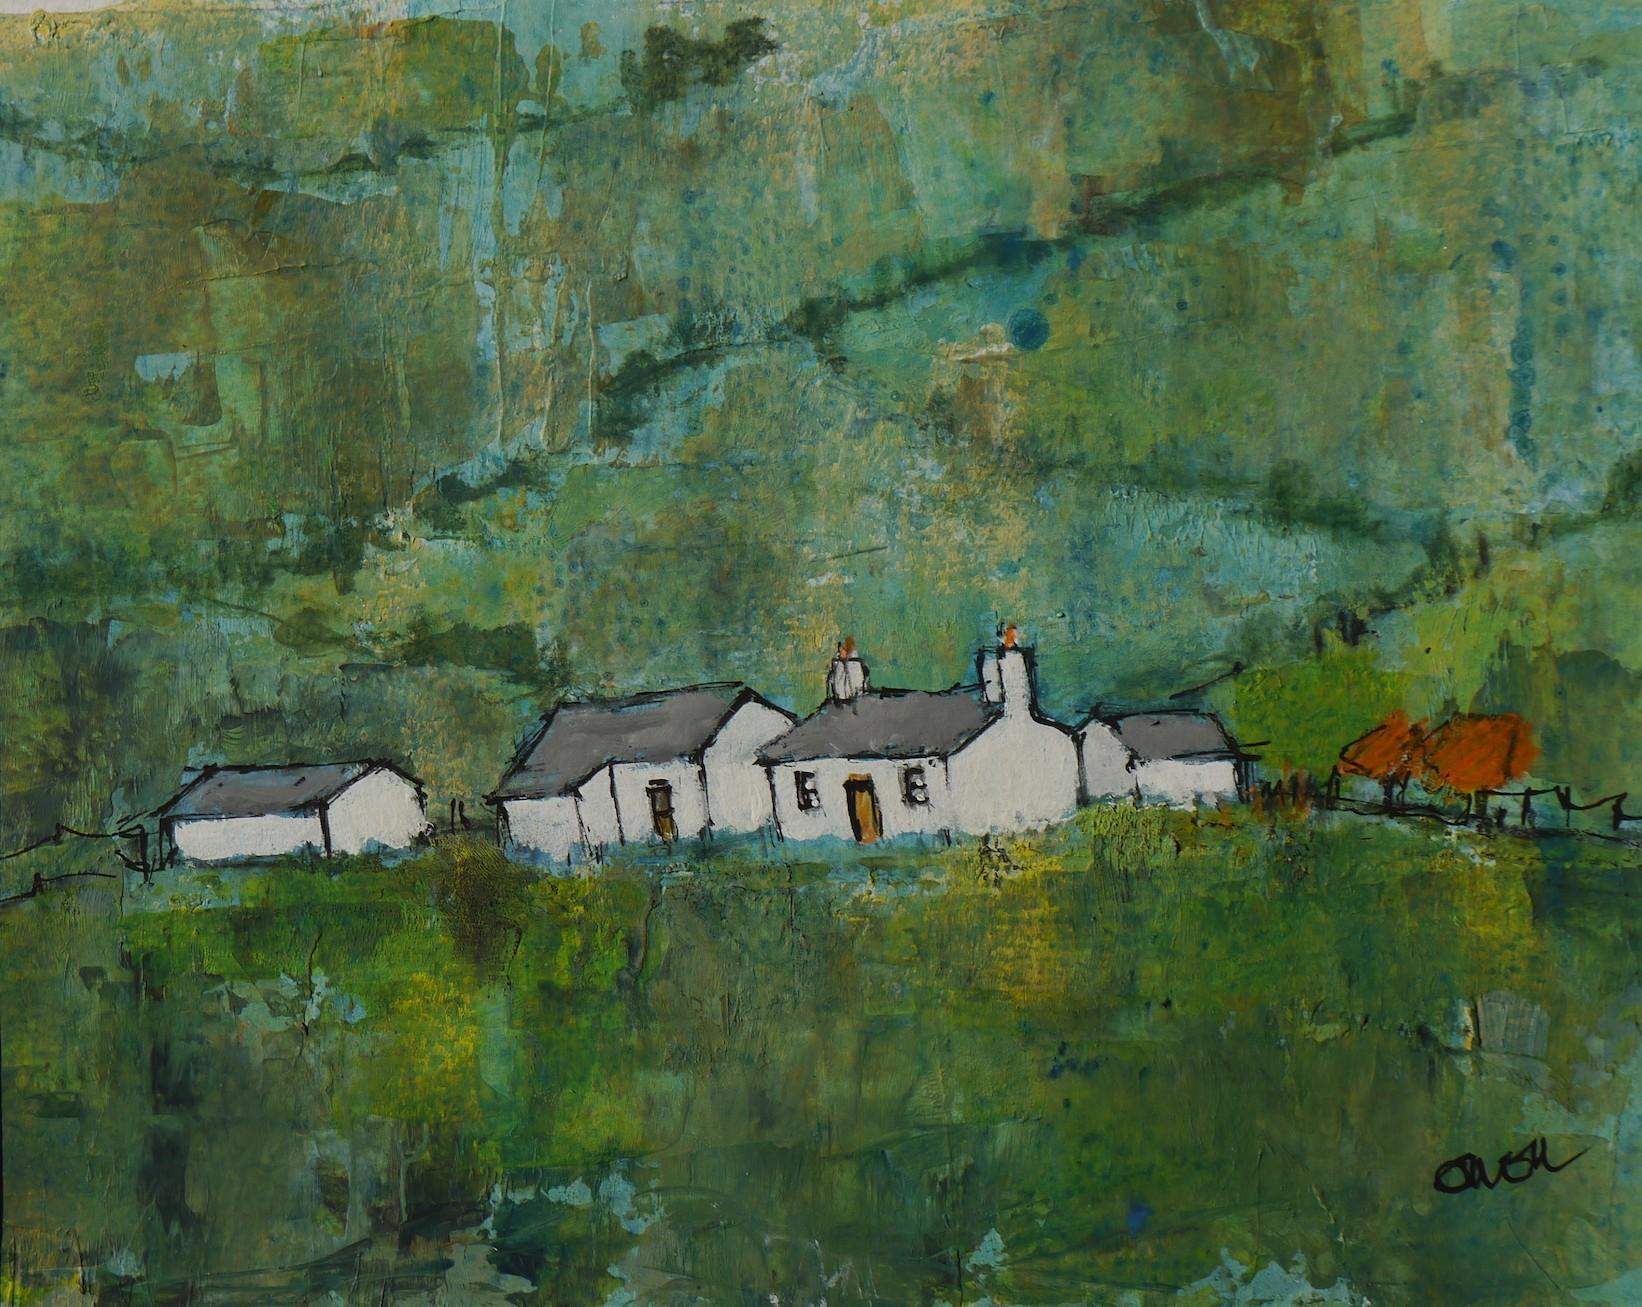 Above Mawddach   30x40 cm   Acrylic on Canvas   UNFRAMED